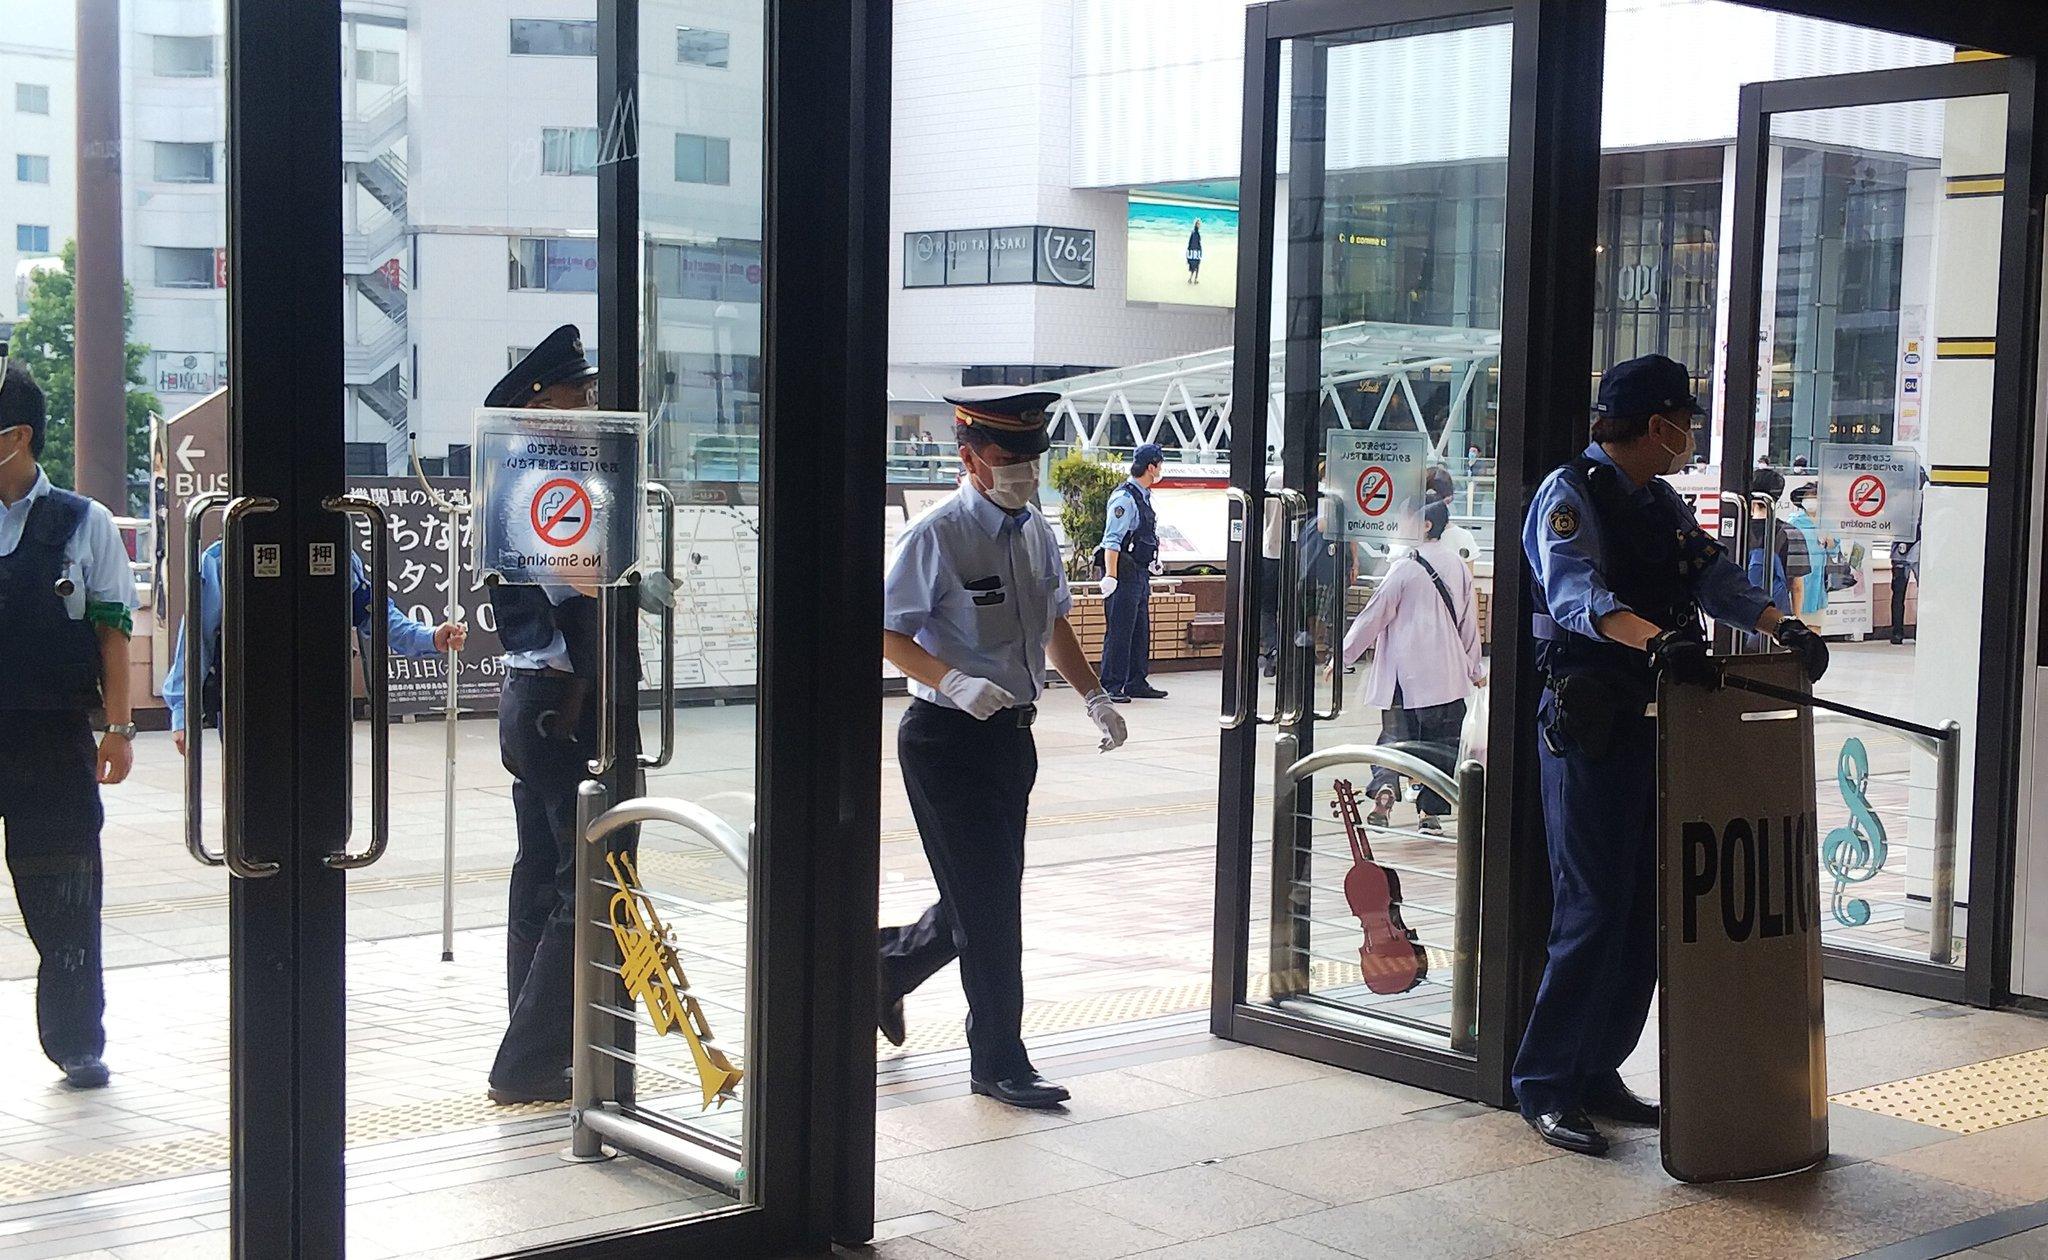 高崎駅で刃物男が暴れる事件が起きた現場の画像